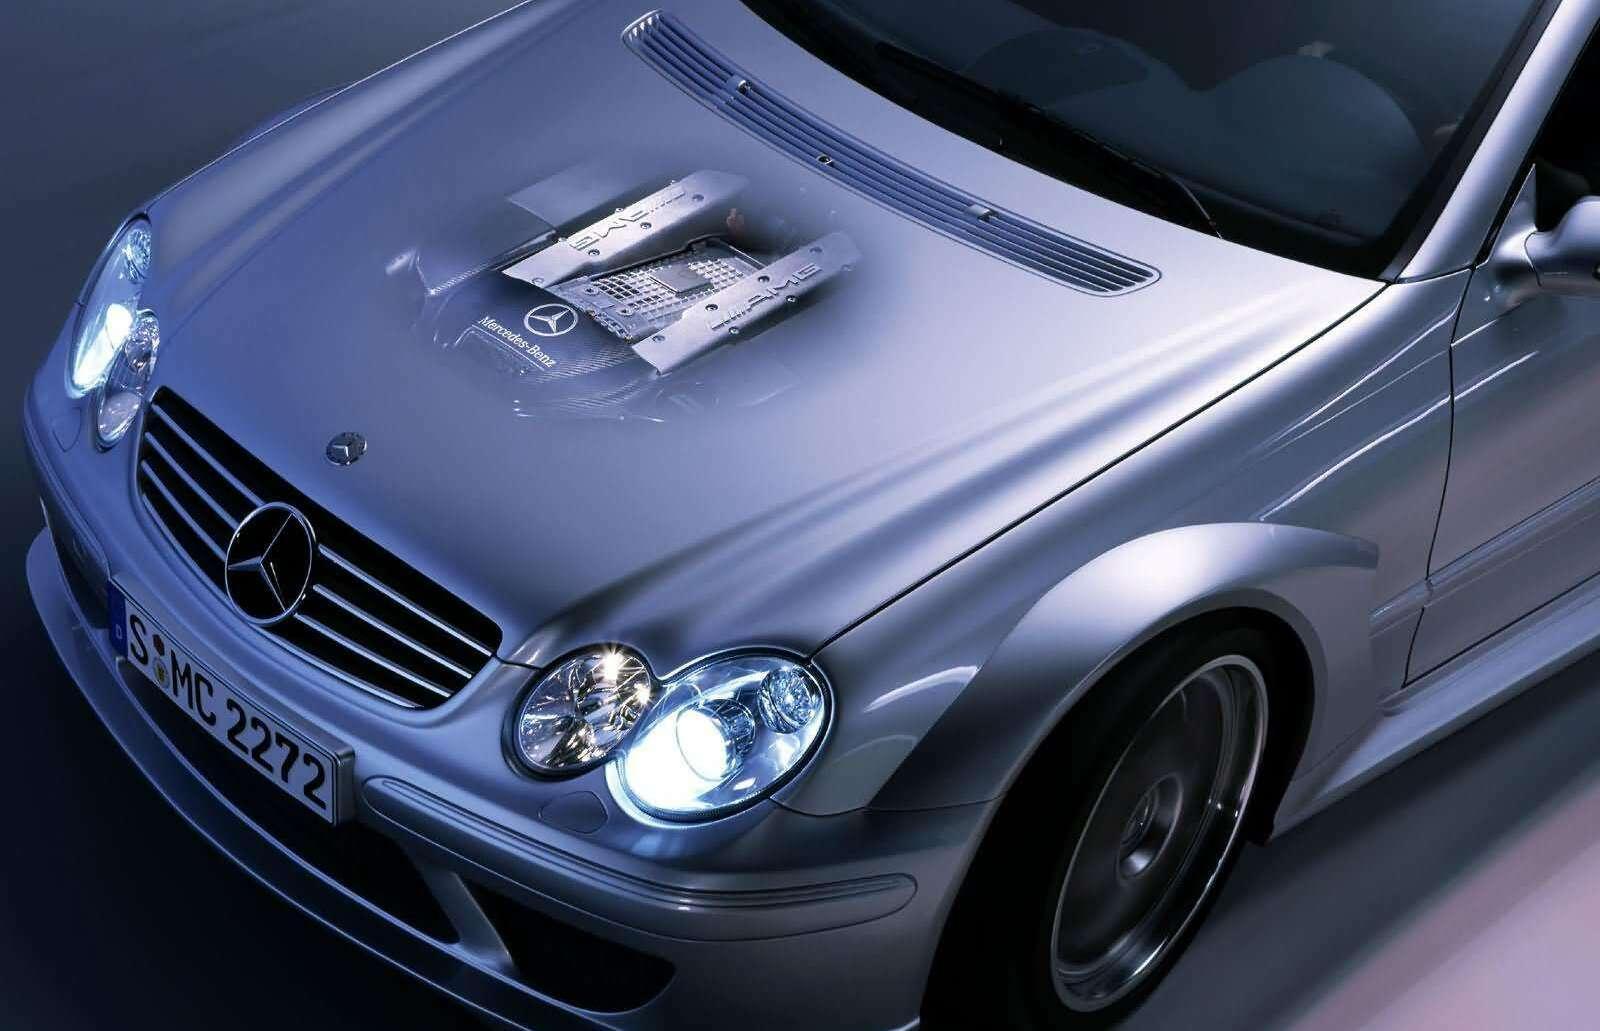 Mercedes Benz Clk Dtm Amg 2004 1600 0f